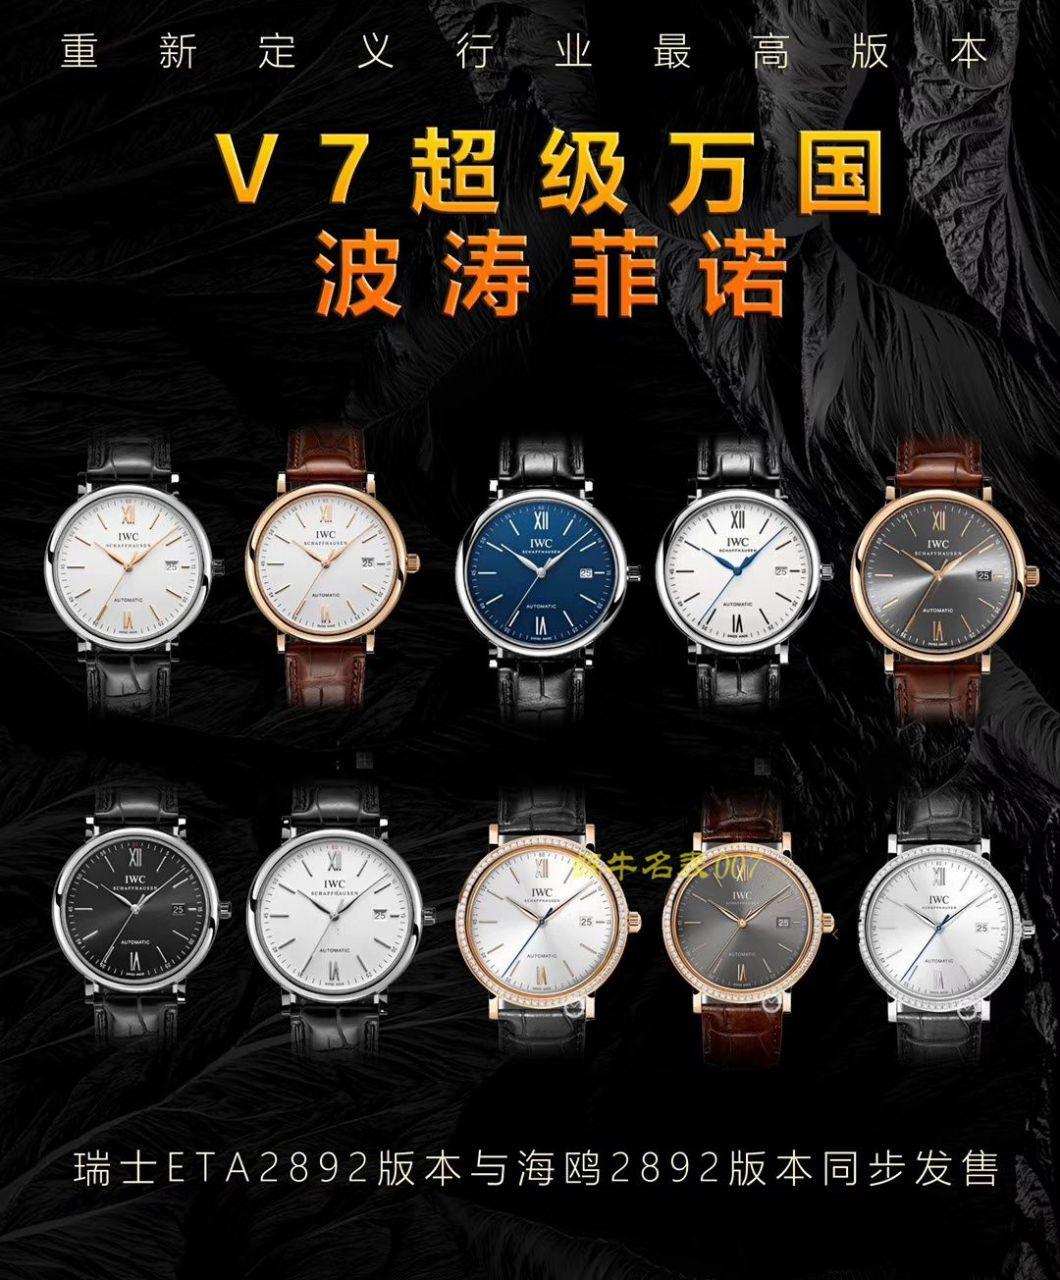 【视频评测V7厂IWC复刻表】万国表柏涛菲诺系列IW356512腕表 / WG397